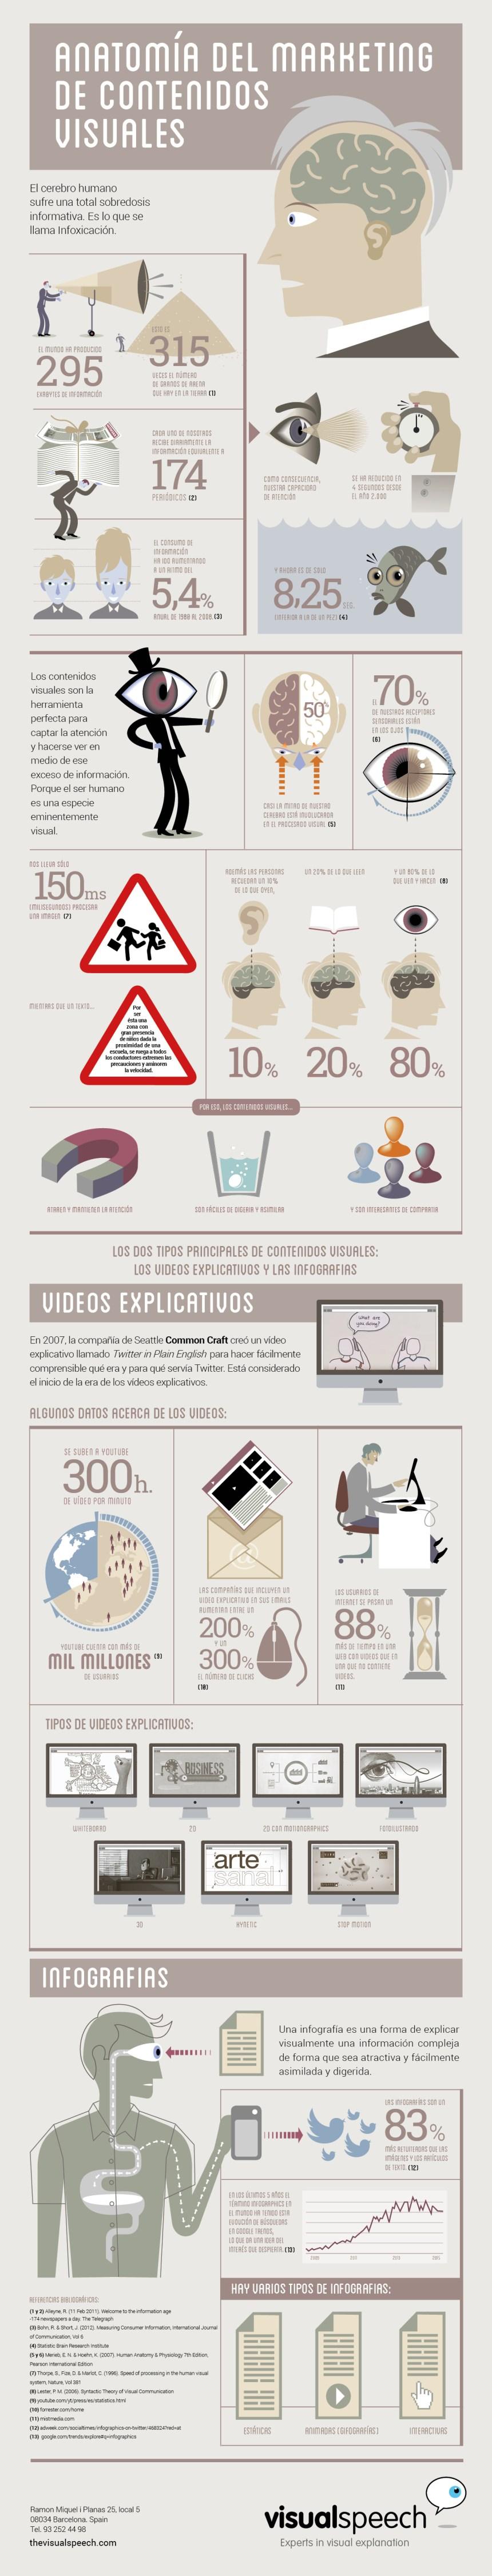 Anatomía del Marketing de Contenidos visuales